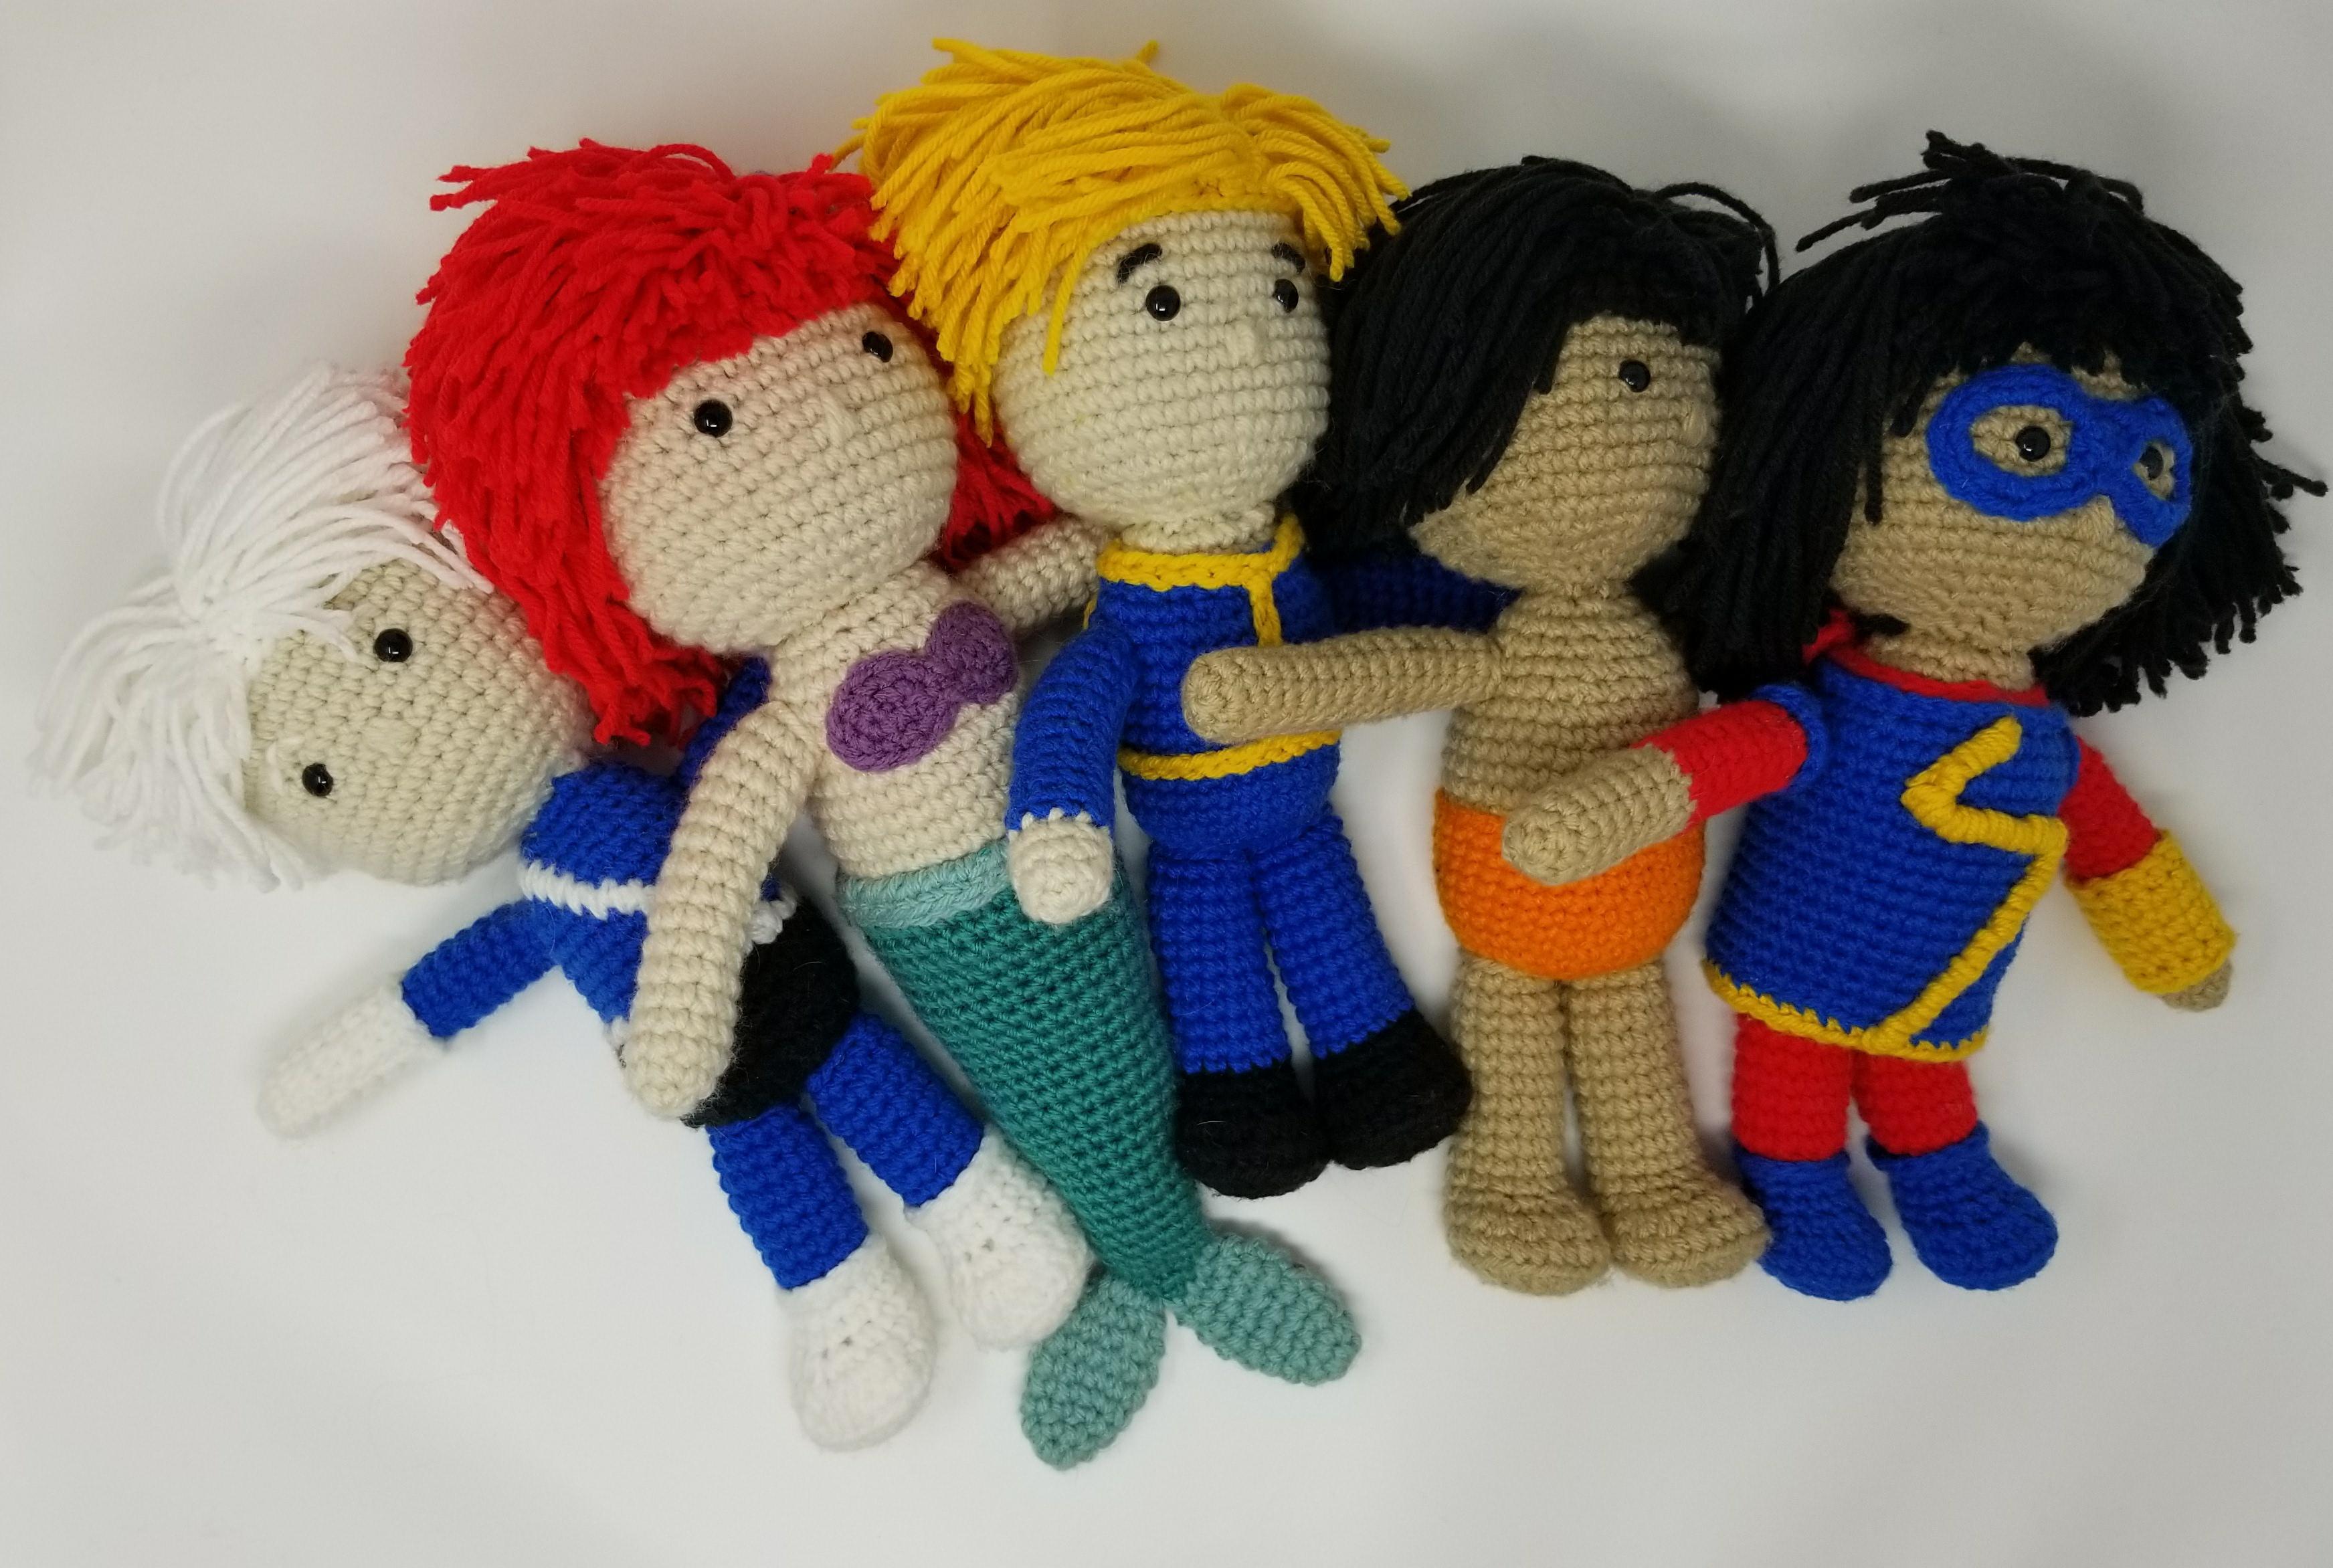 Amigurumi Pattern Dolls : Amigurumipattern explore amigurumipattern on deviantart